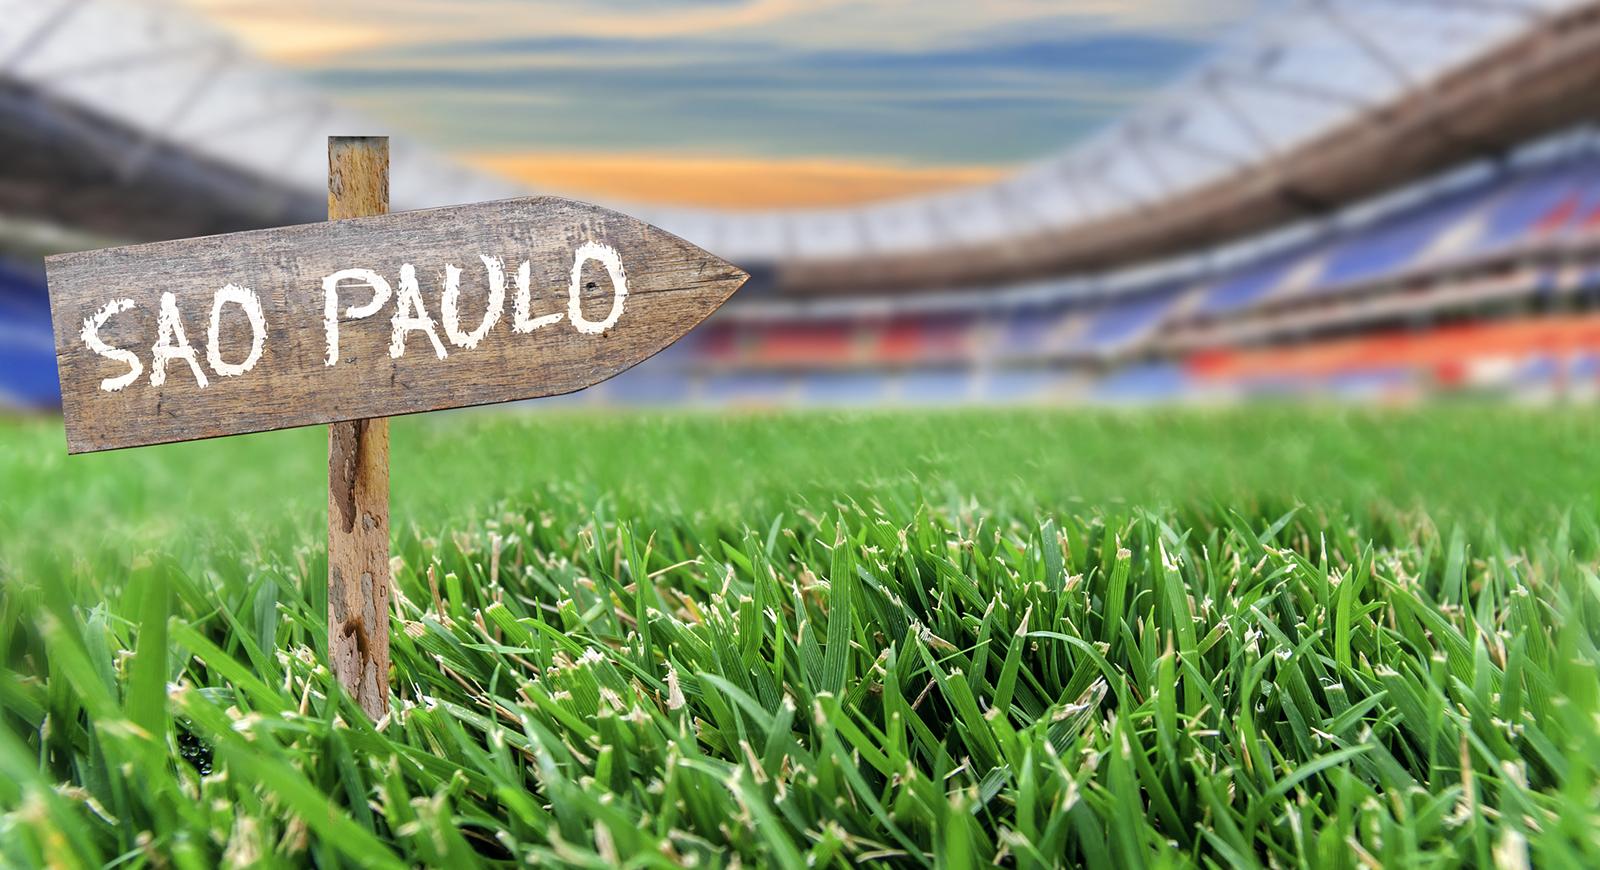 São Paulo FC score victory in Chilean trademark infringement case